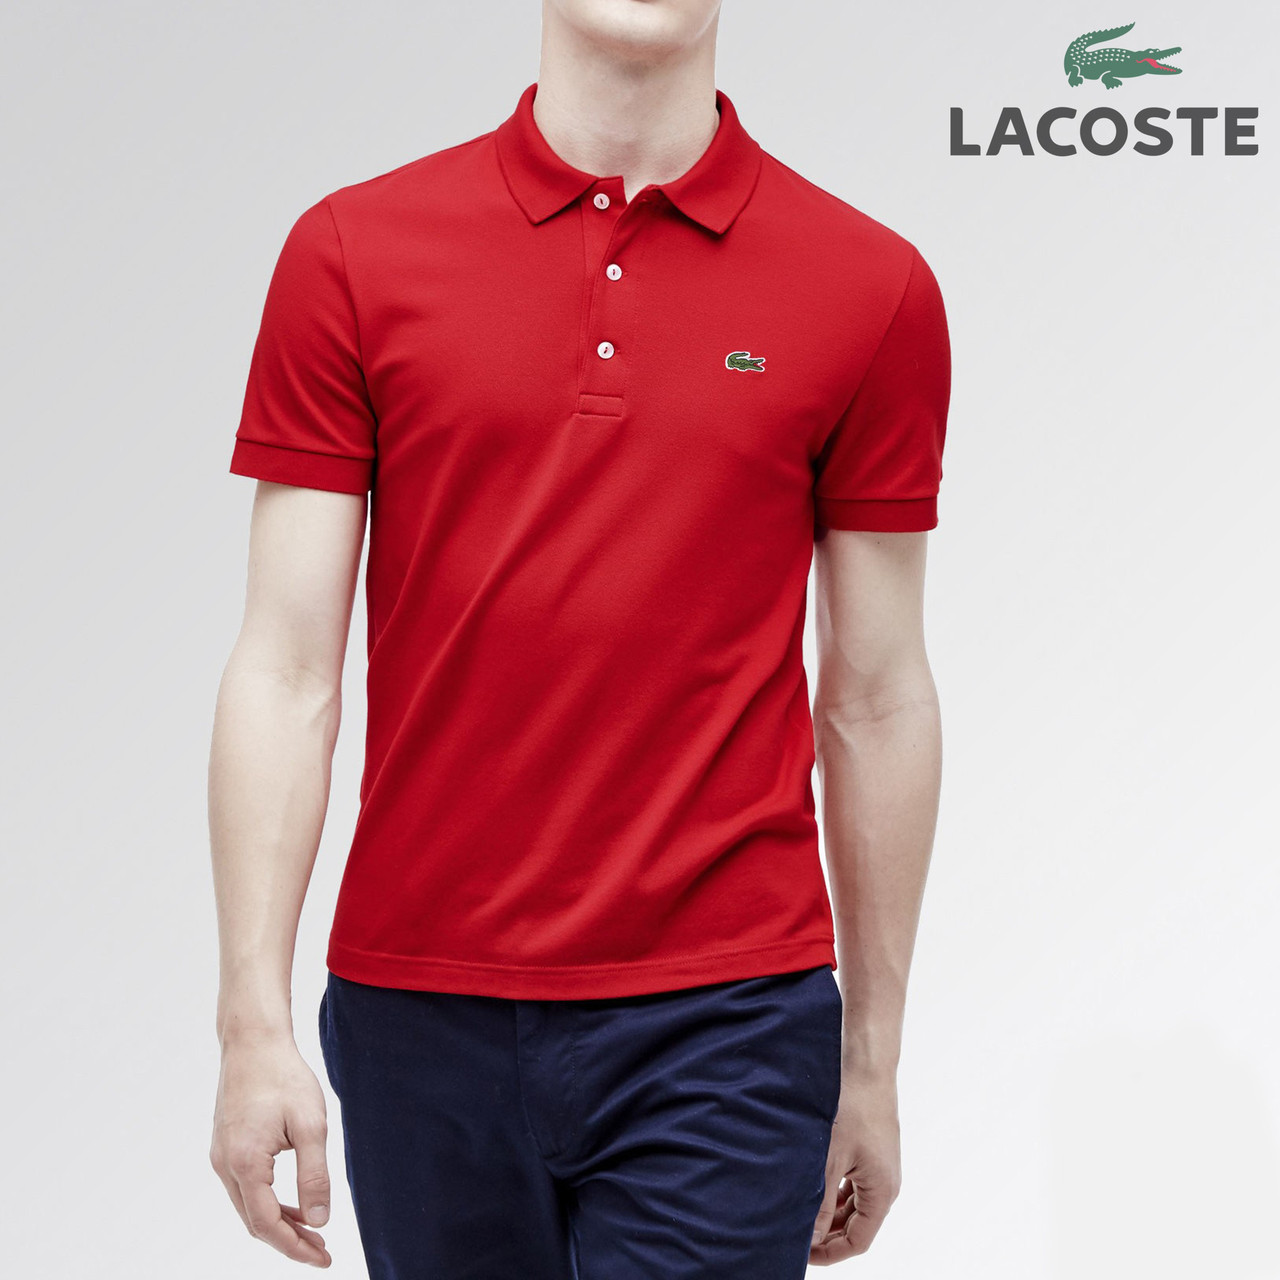 Футболка POLO Lacoste  логотип вышивка красный реплика